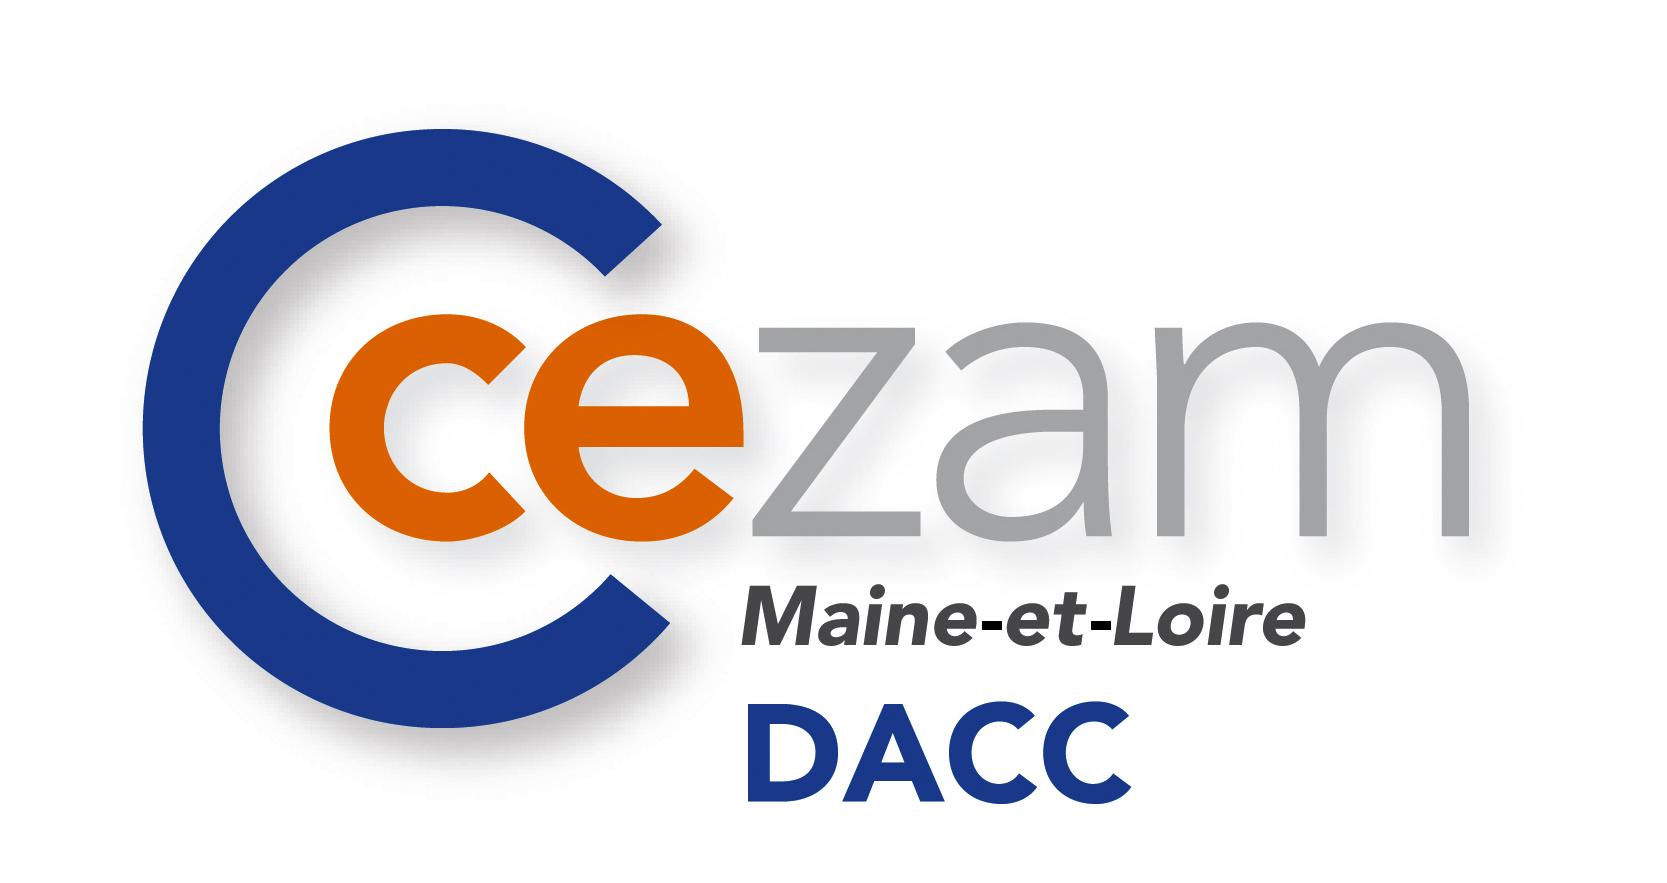 DACC.eps